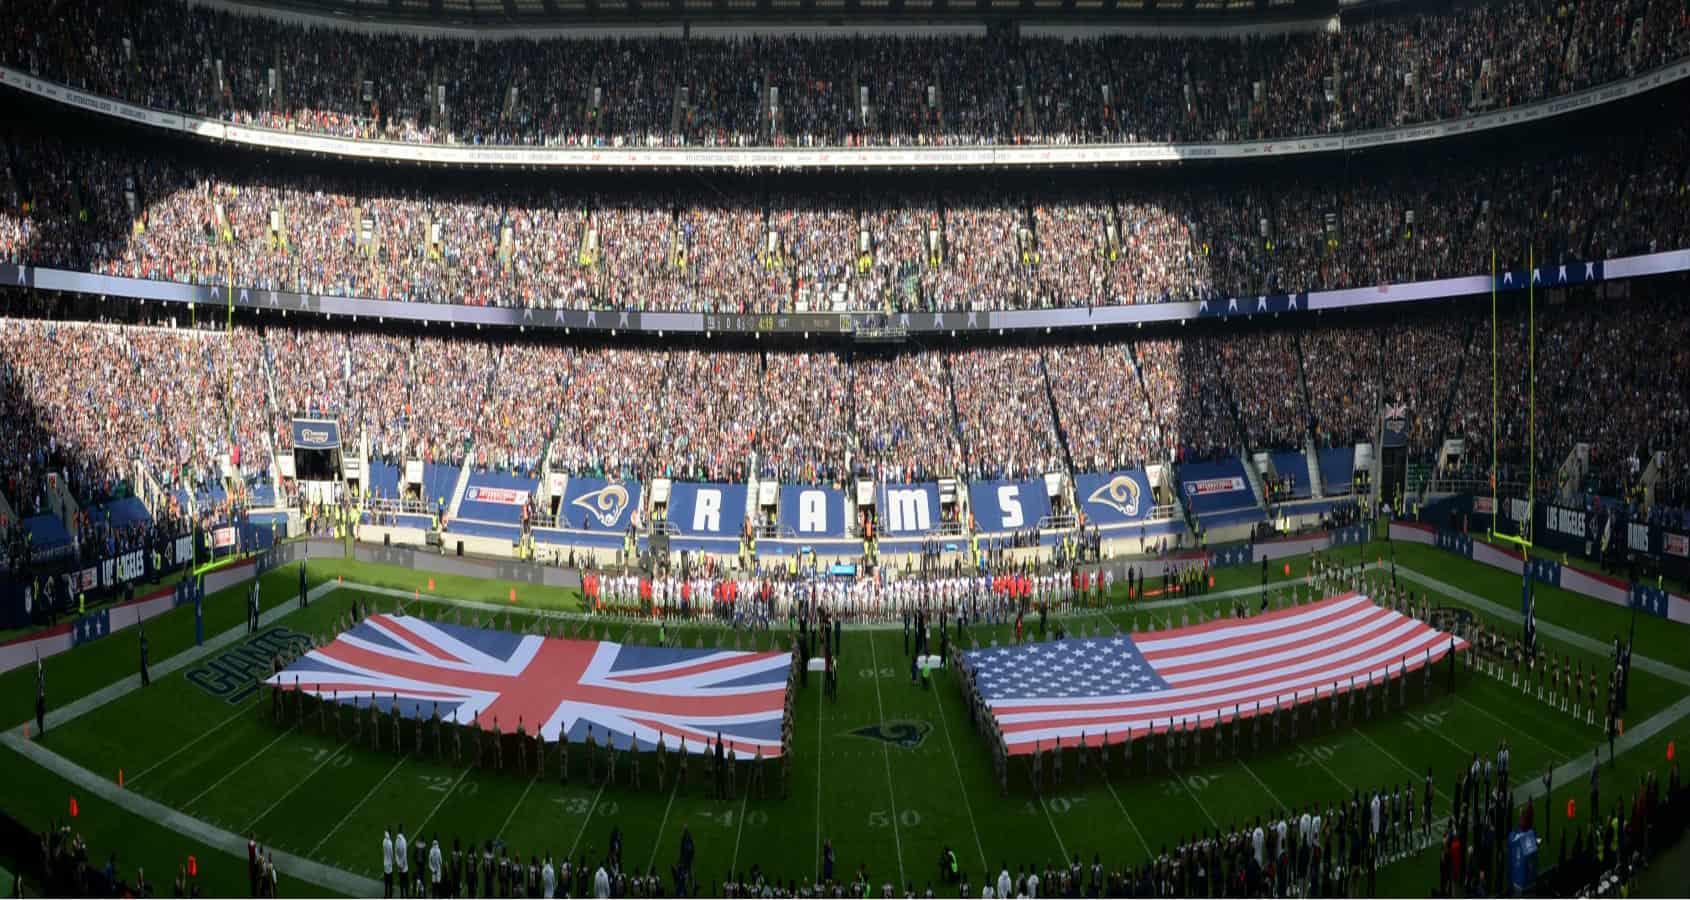 Wembley Stadium, NFL, NFL-resa, London, England